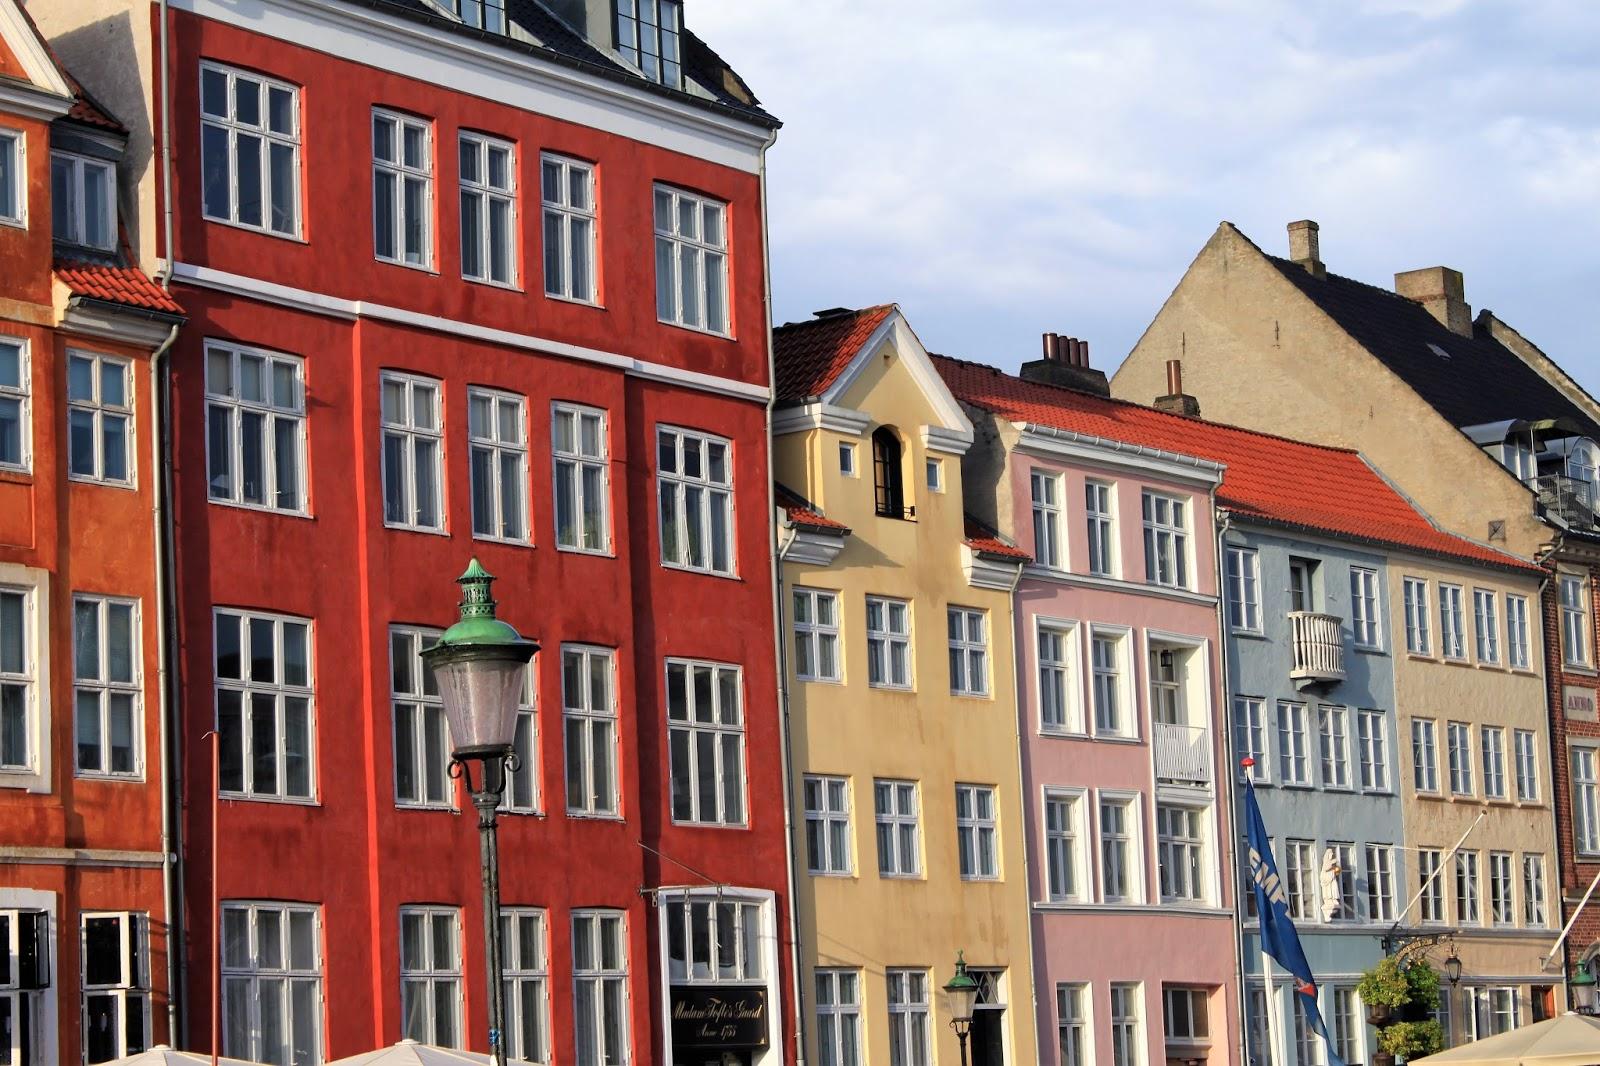 Schwedenreise heimw rtsstopp in kopenhagen familie for Jugendherberge kopenhagen